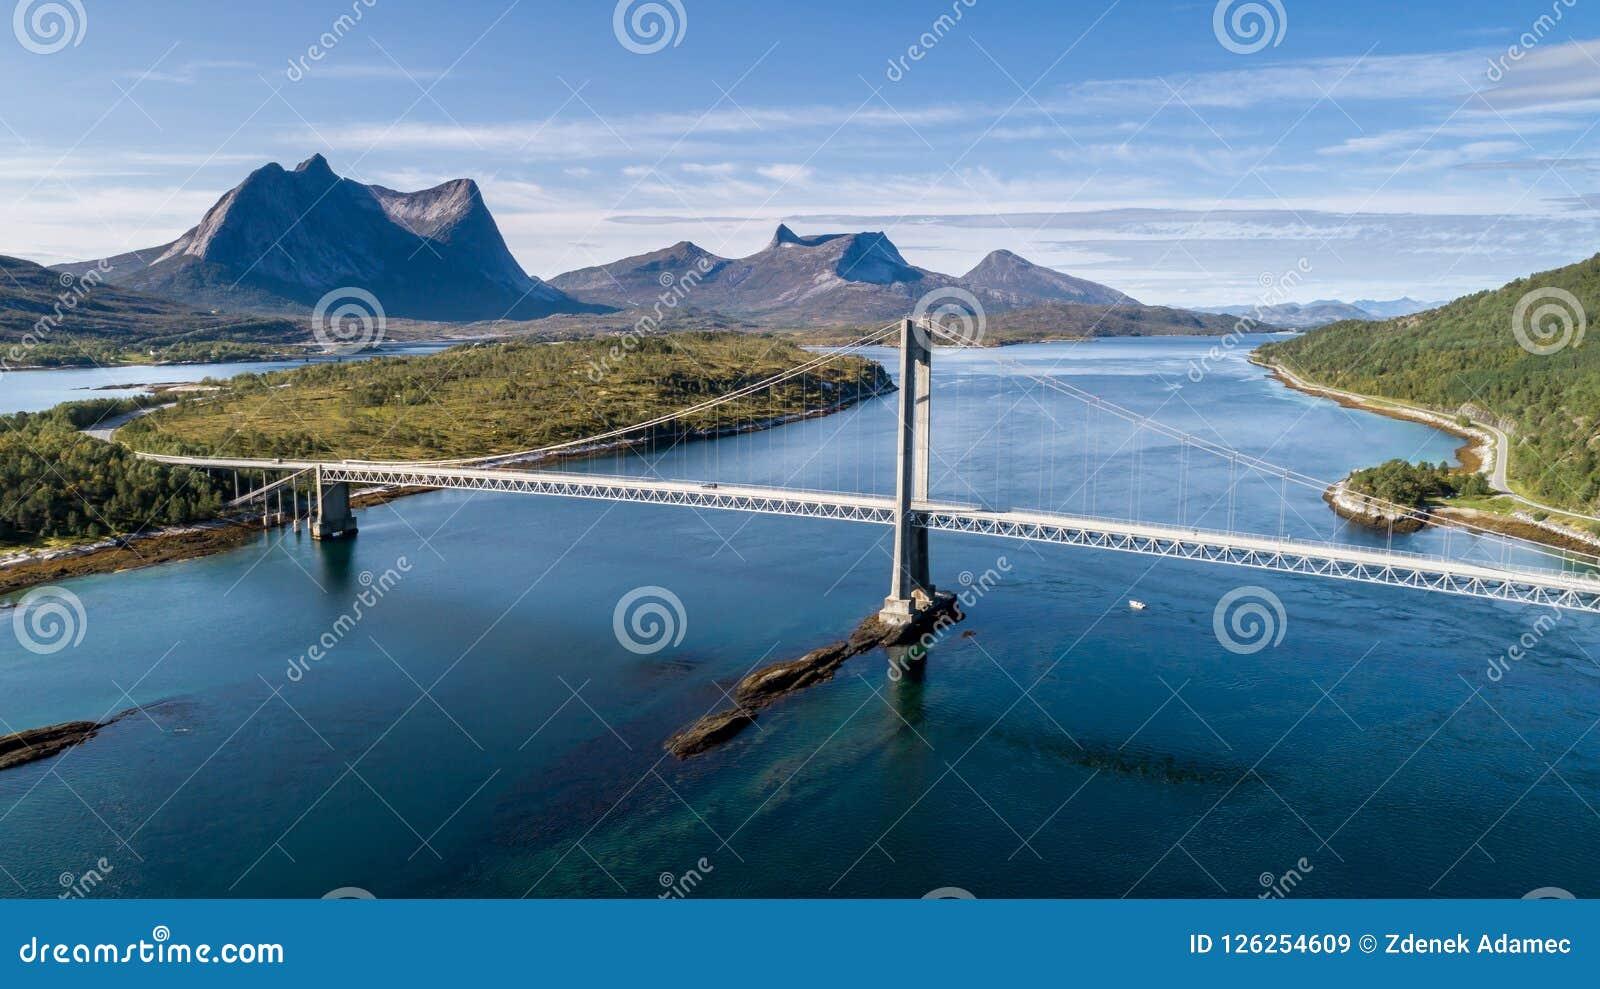 Antena strzelał zawieszenie most nad Efjord z halnym Stortinden w tle